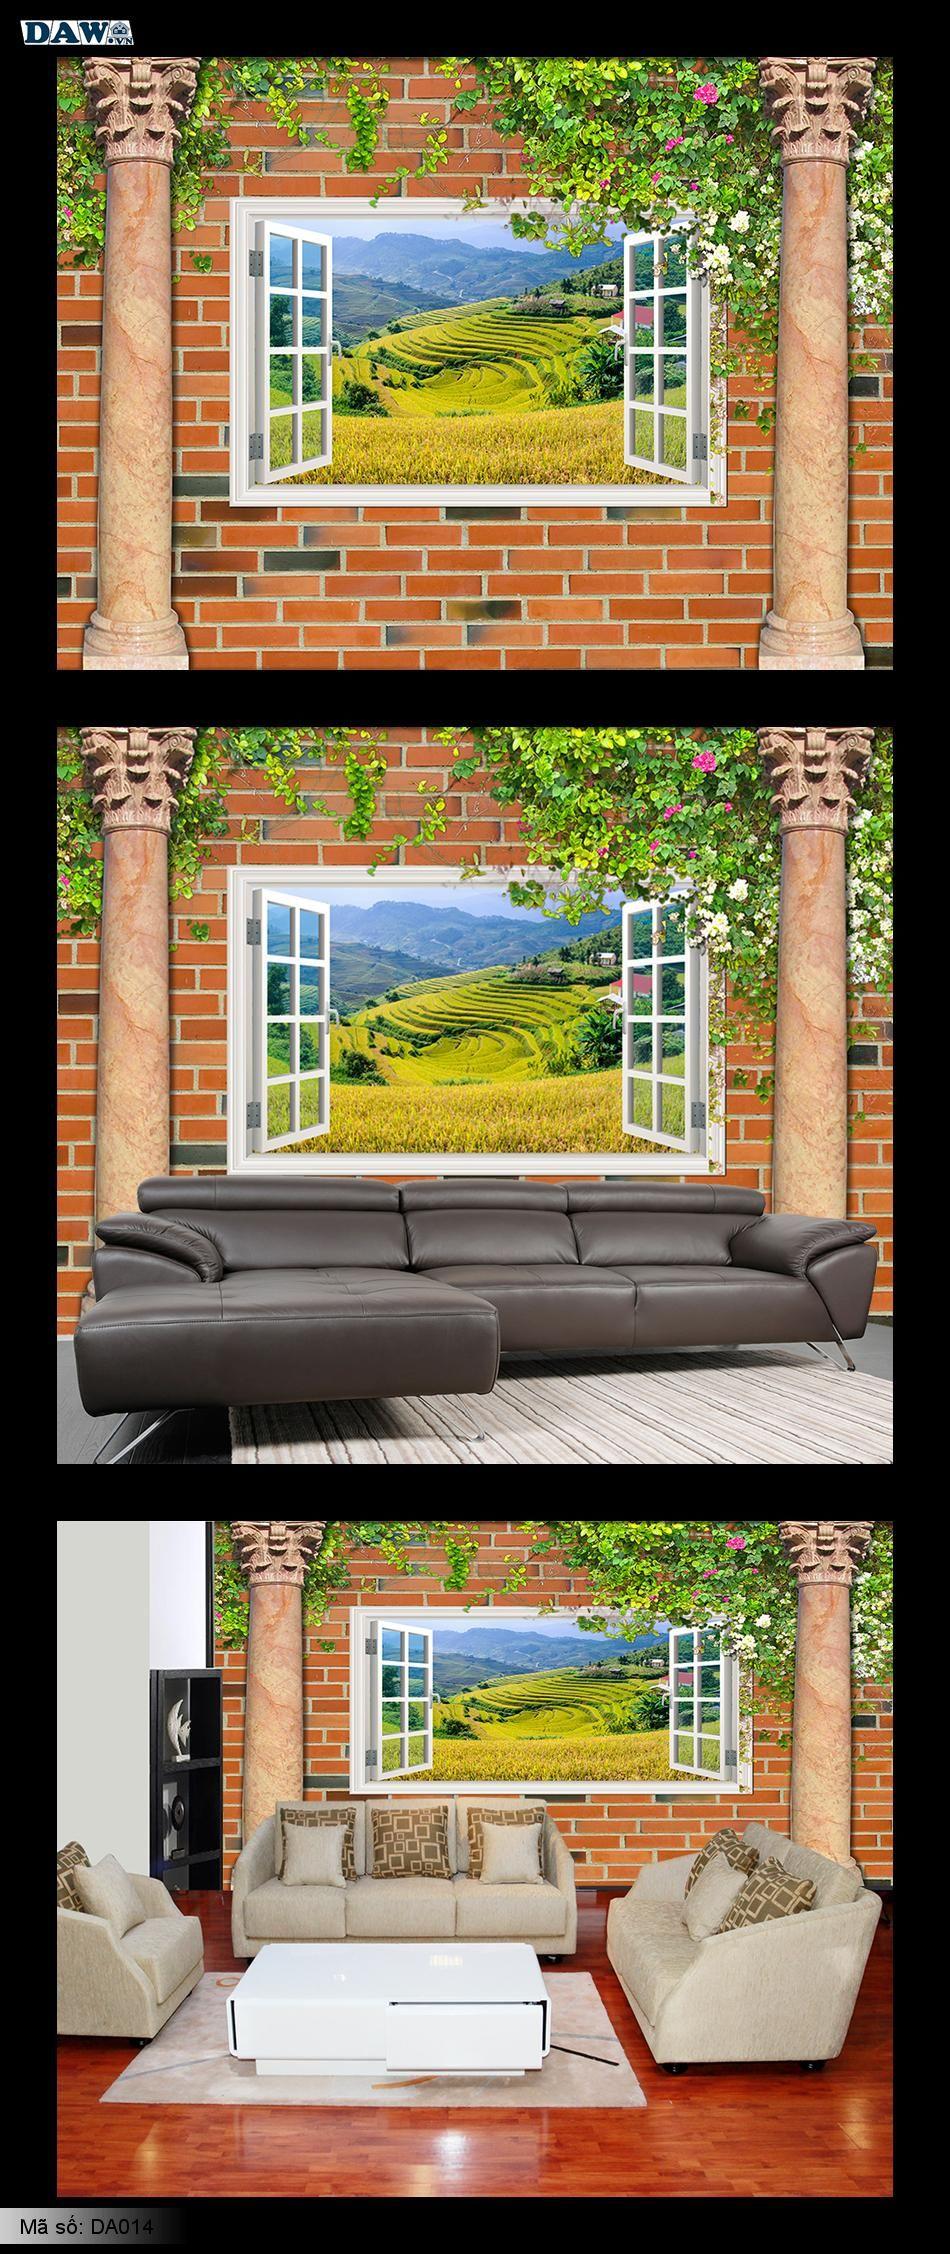 Tranh dán tường của sổ đẹp, bức tường gạch đẹp, tranh dán tường gạch, dây leo, bông giấy, hoa giấy, tranh ruộng bậc thang, tây bắc, Mù Cang Chải, Yên Bái  DA014